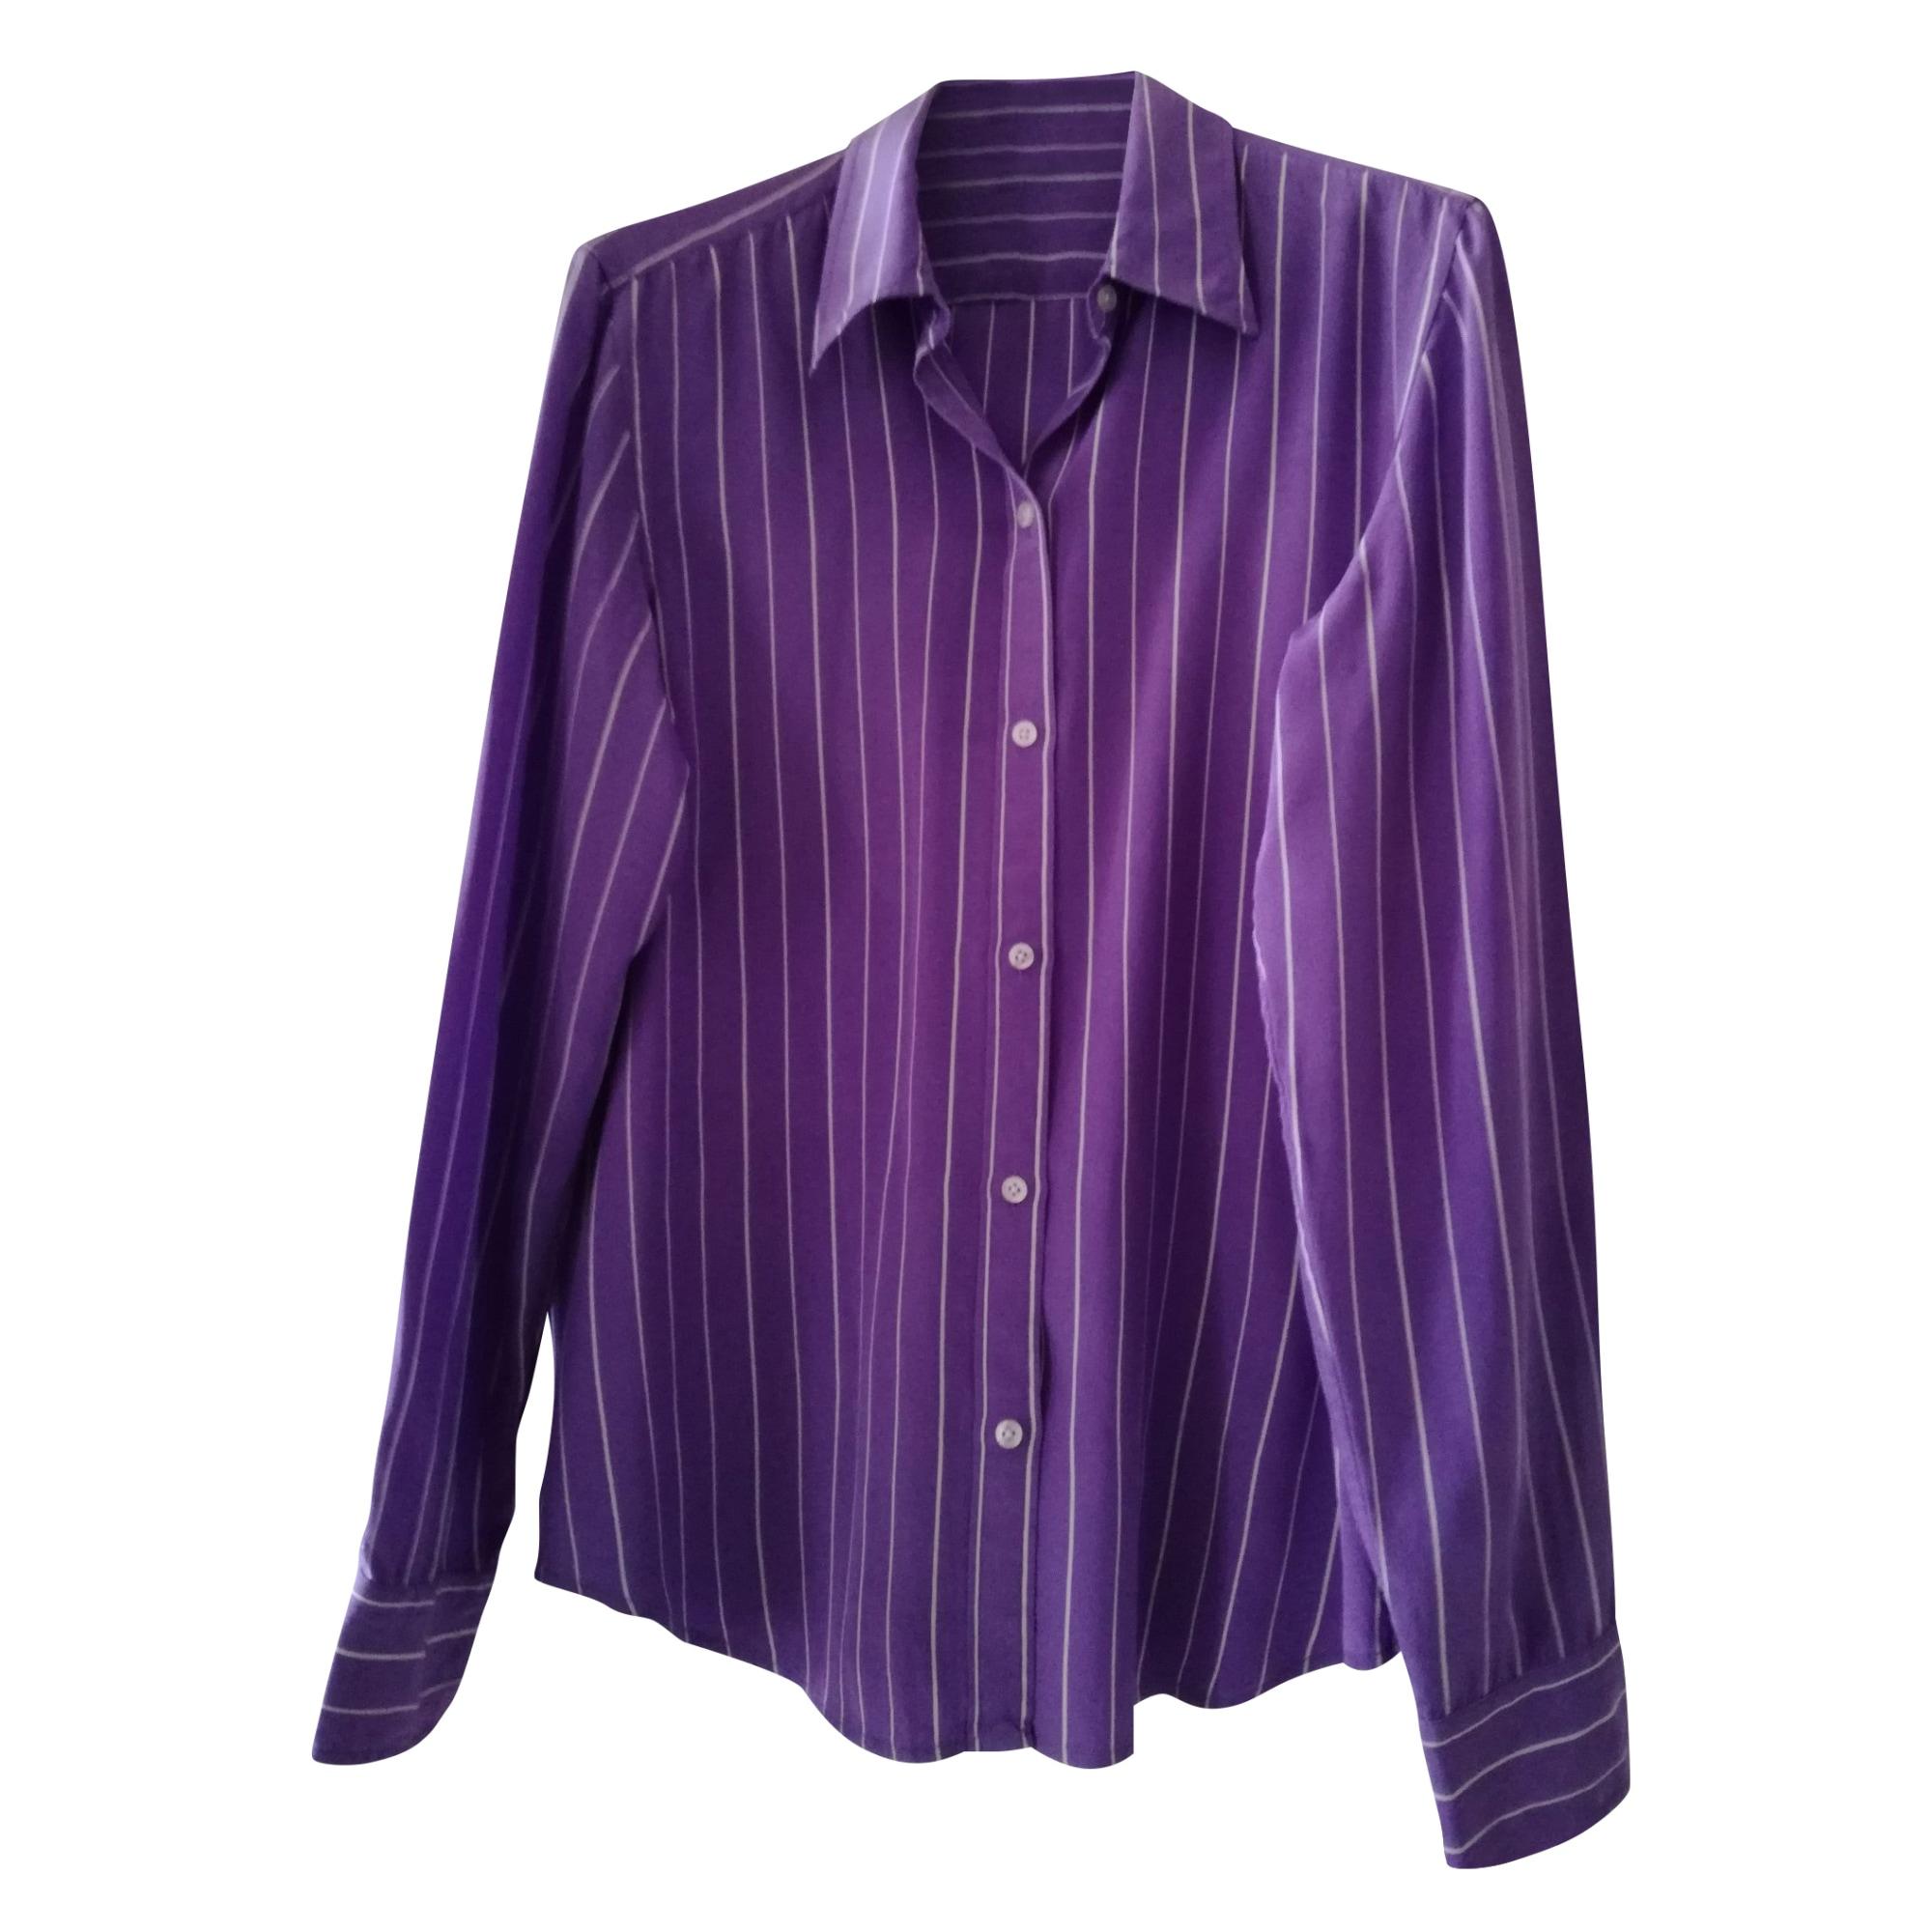 Chemisier RALPH LAUREN rayé violet et blanc